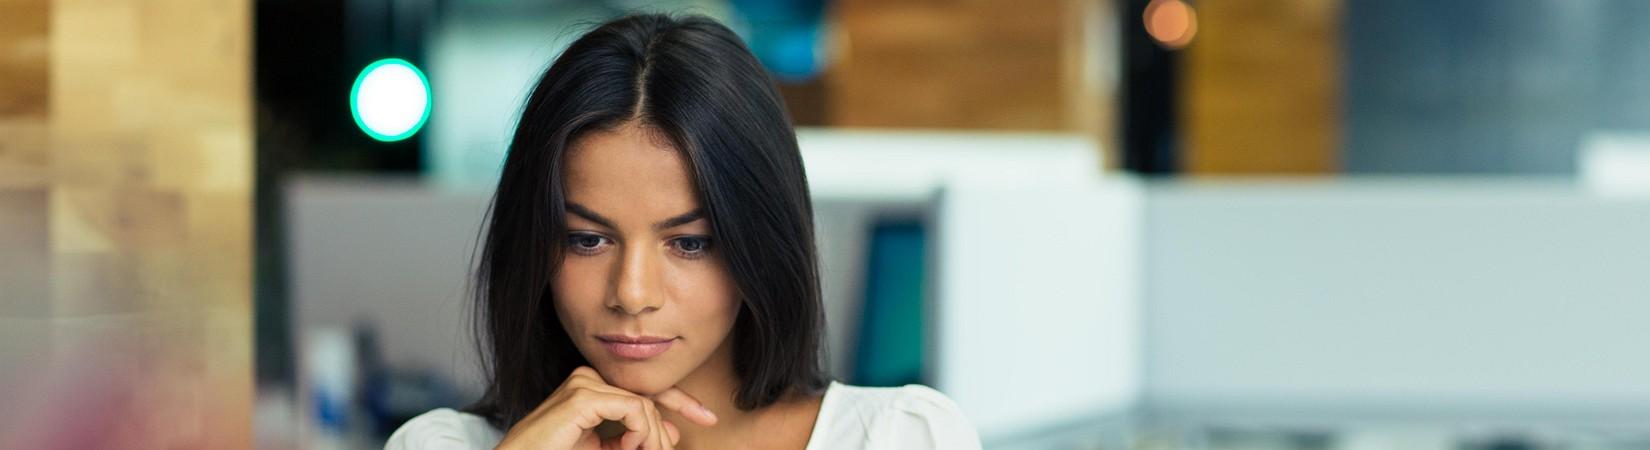 VIDEO: 5 modi per aumentare la tua motivazione a lavorare il lunedì